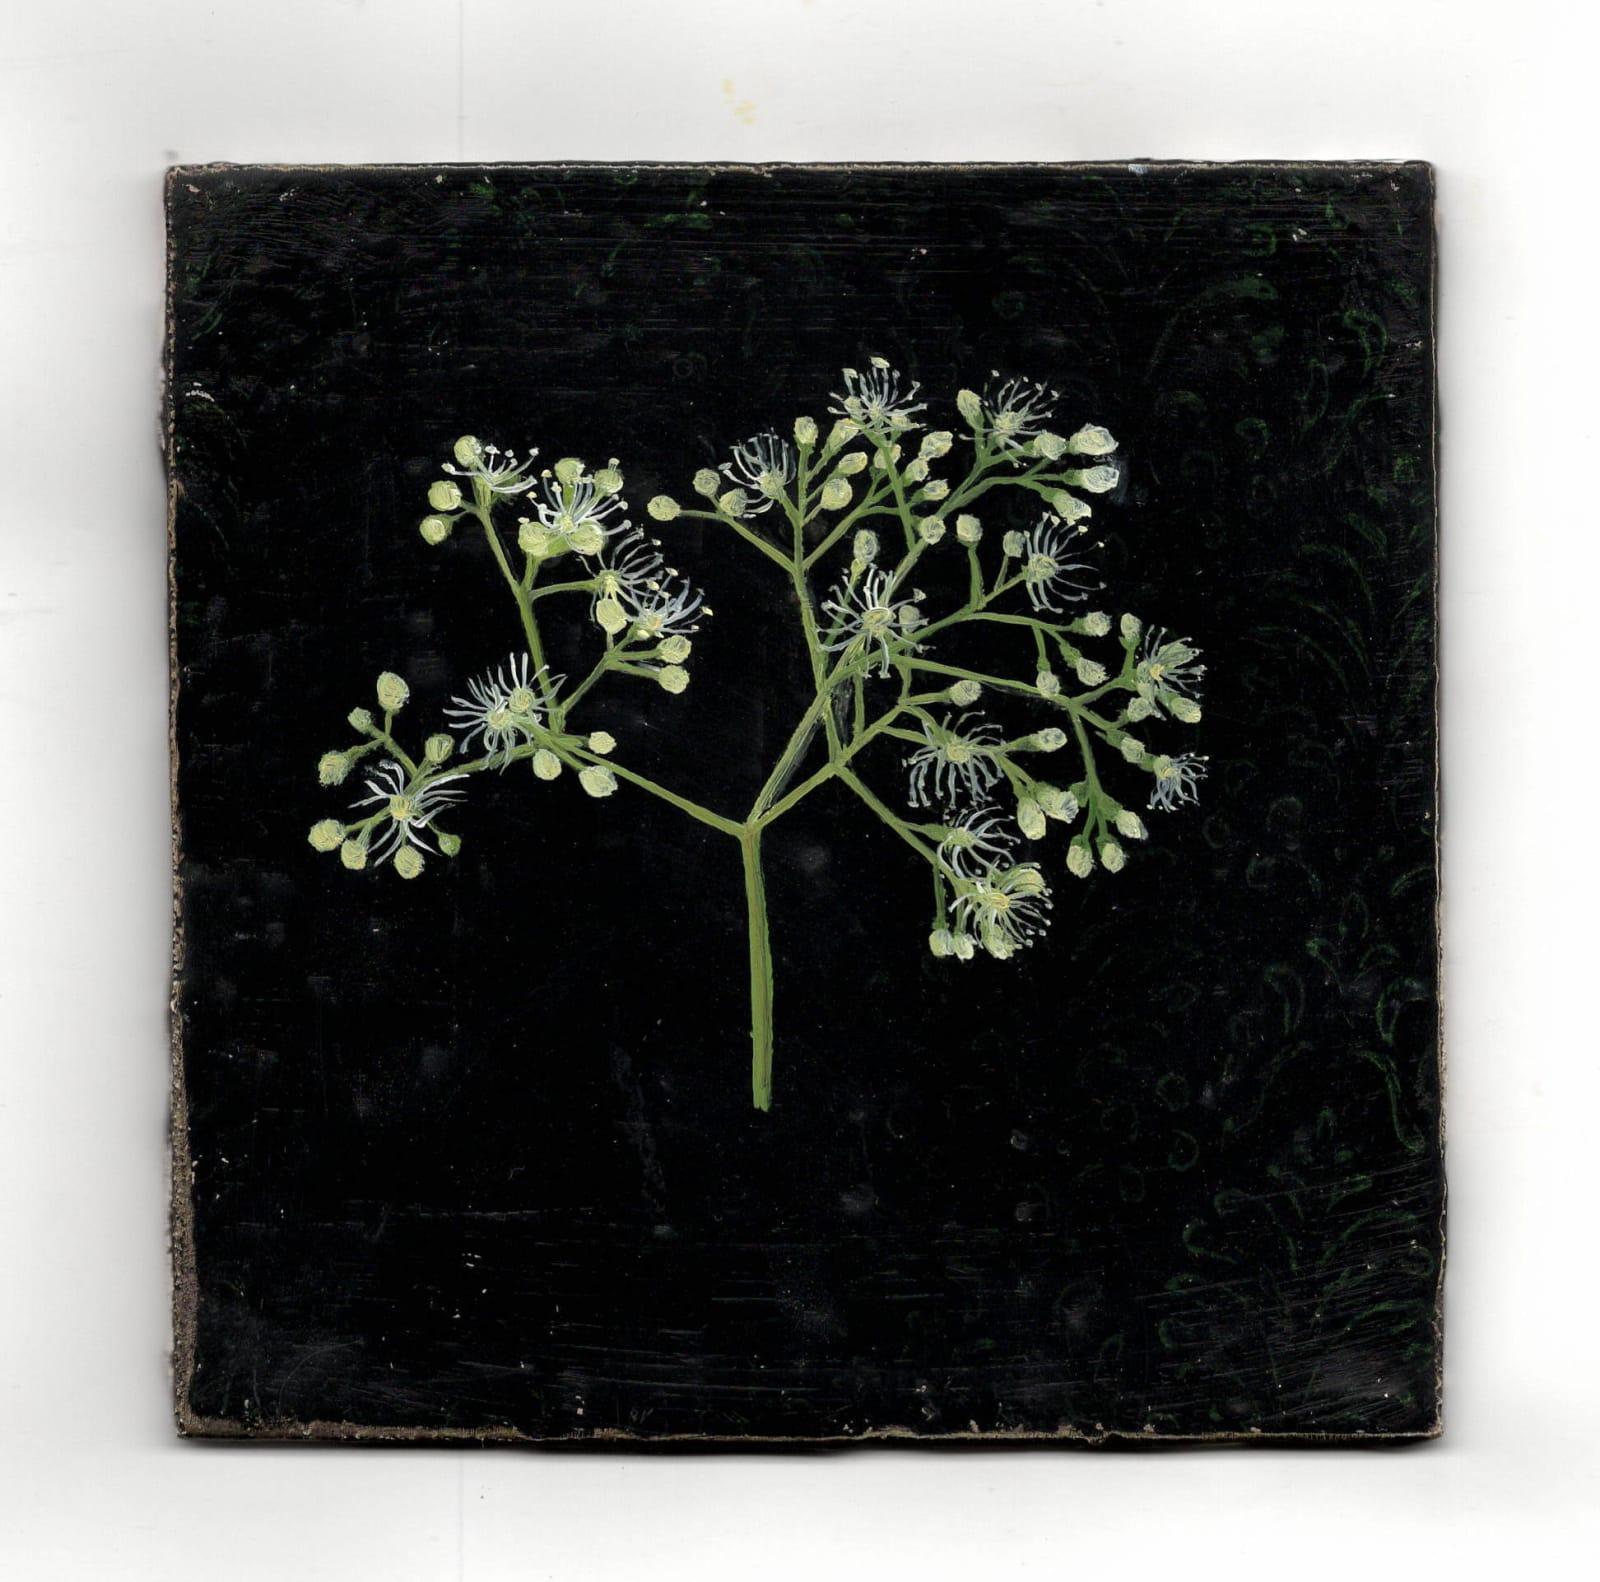 Melanie Miller, Hydrangea Buds, 2020